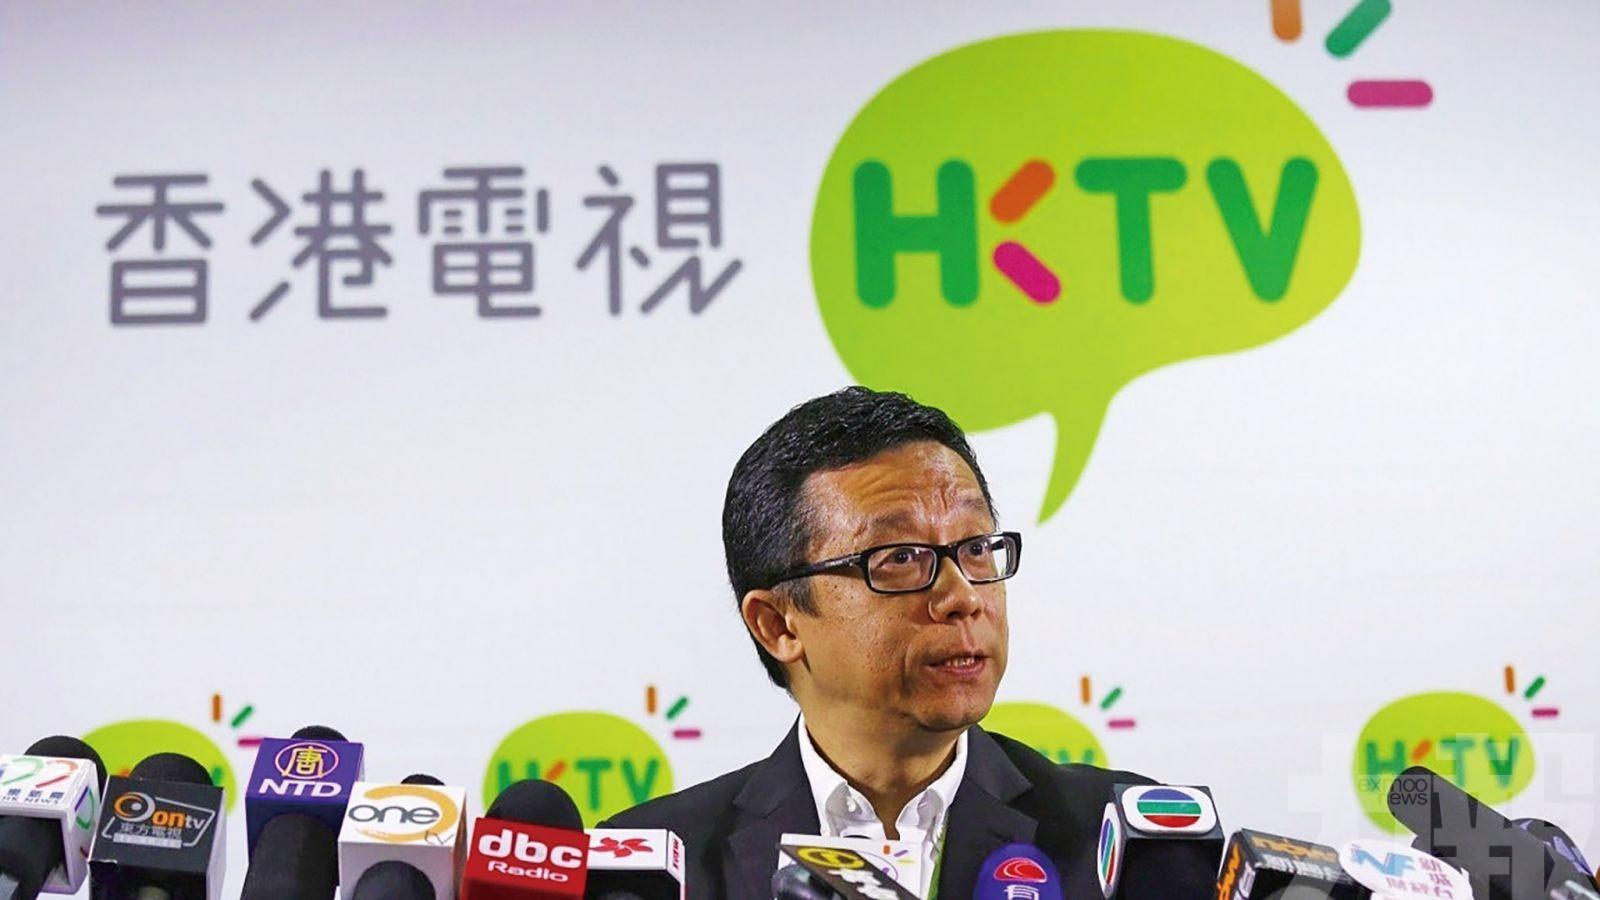 擬改名「香港科技探索」 惟股價昨仍插約一成二